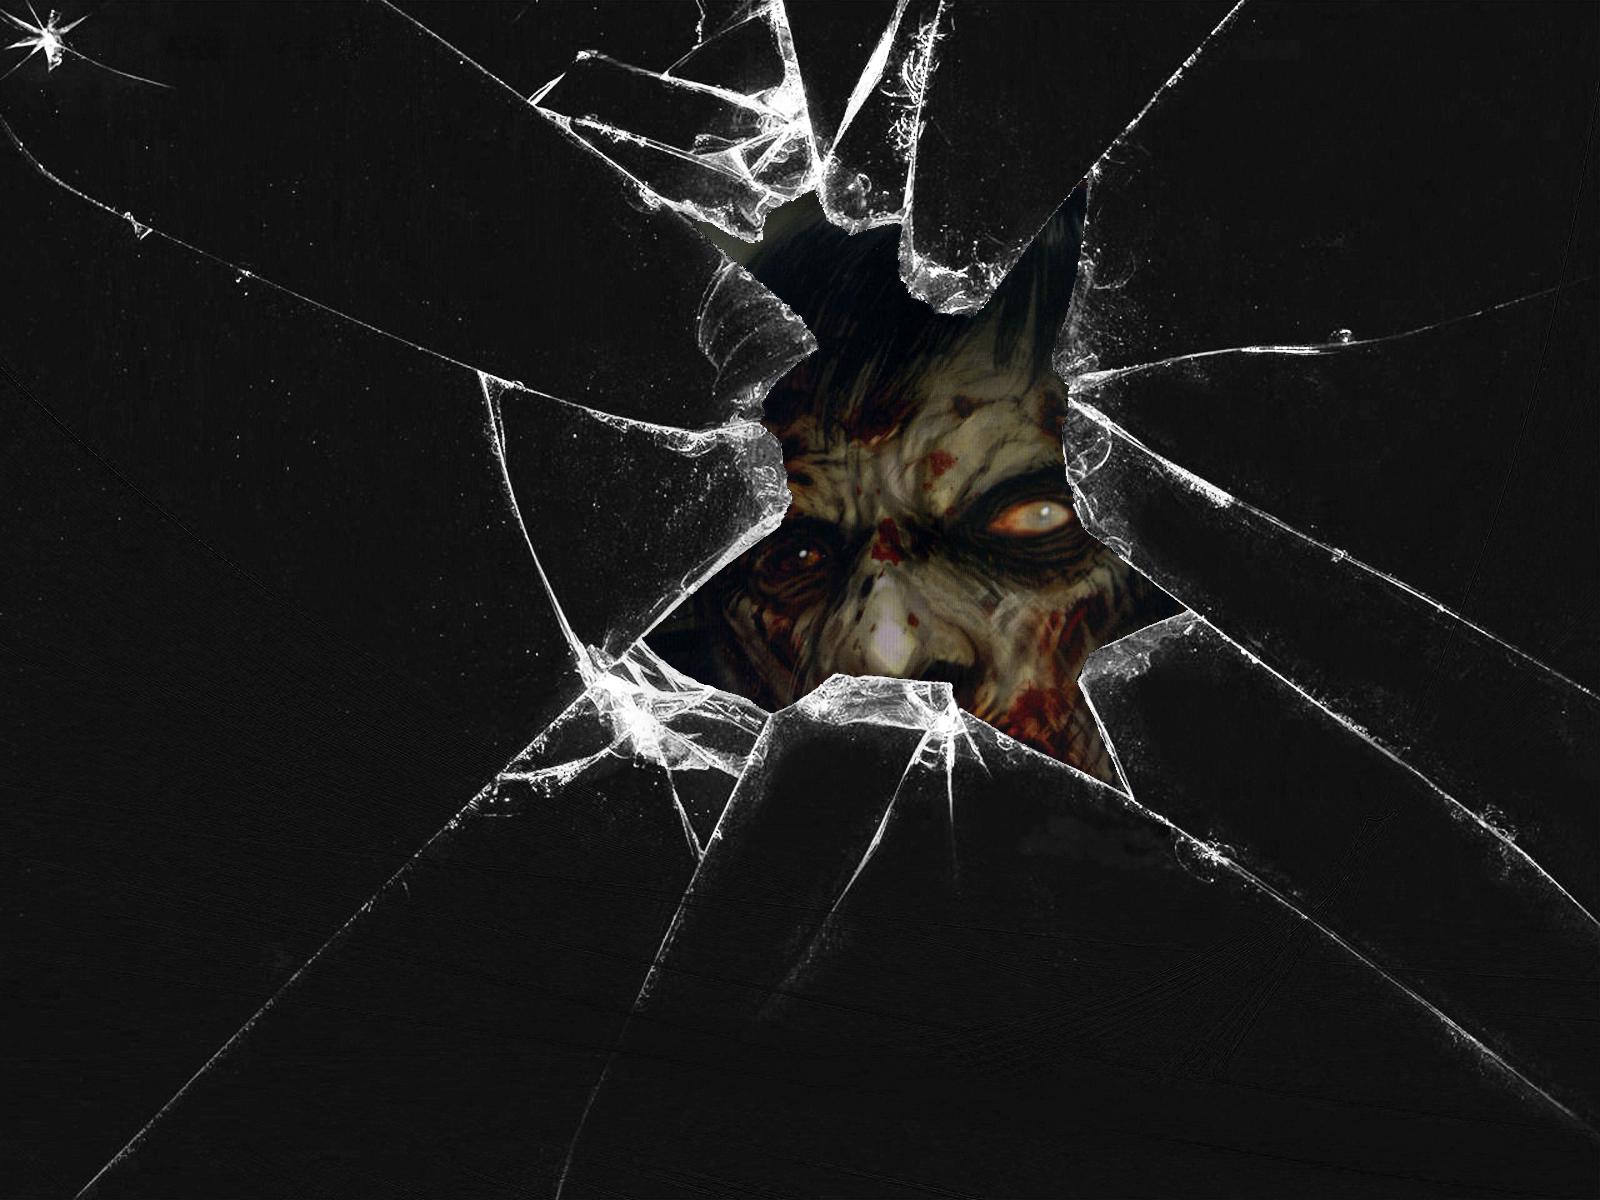 zombie computer wallpapers desktop backgrounds 1600x1200 id